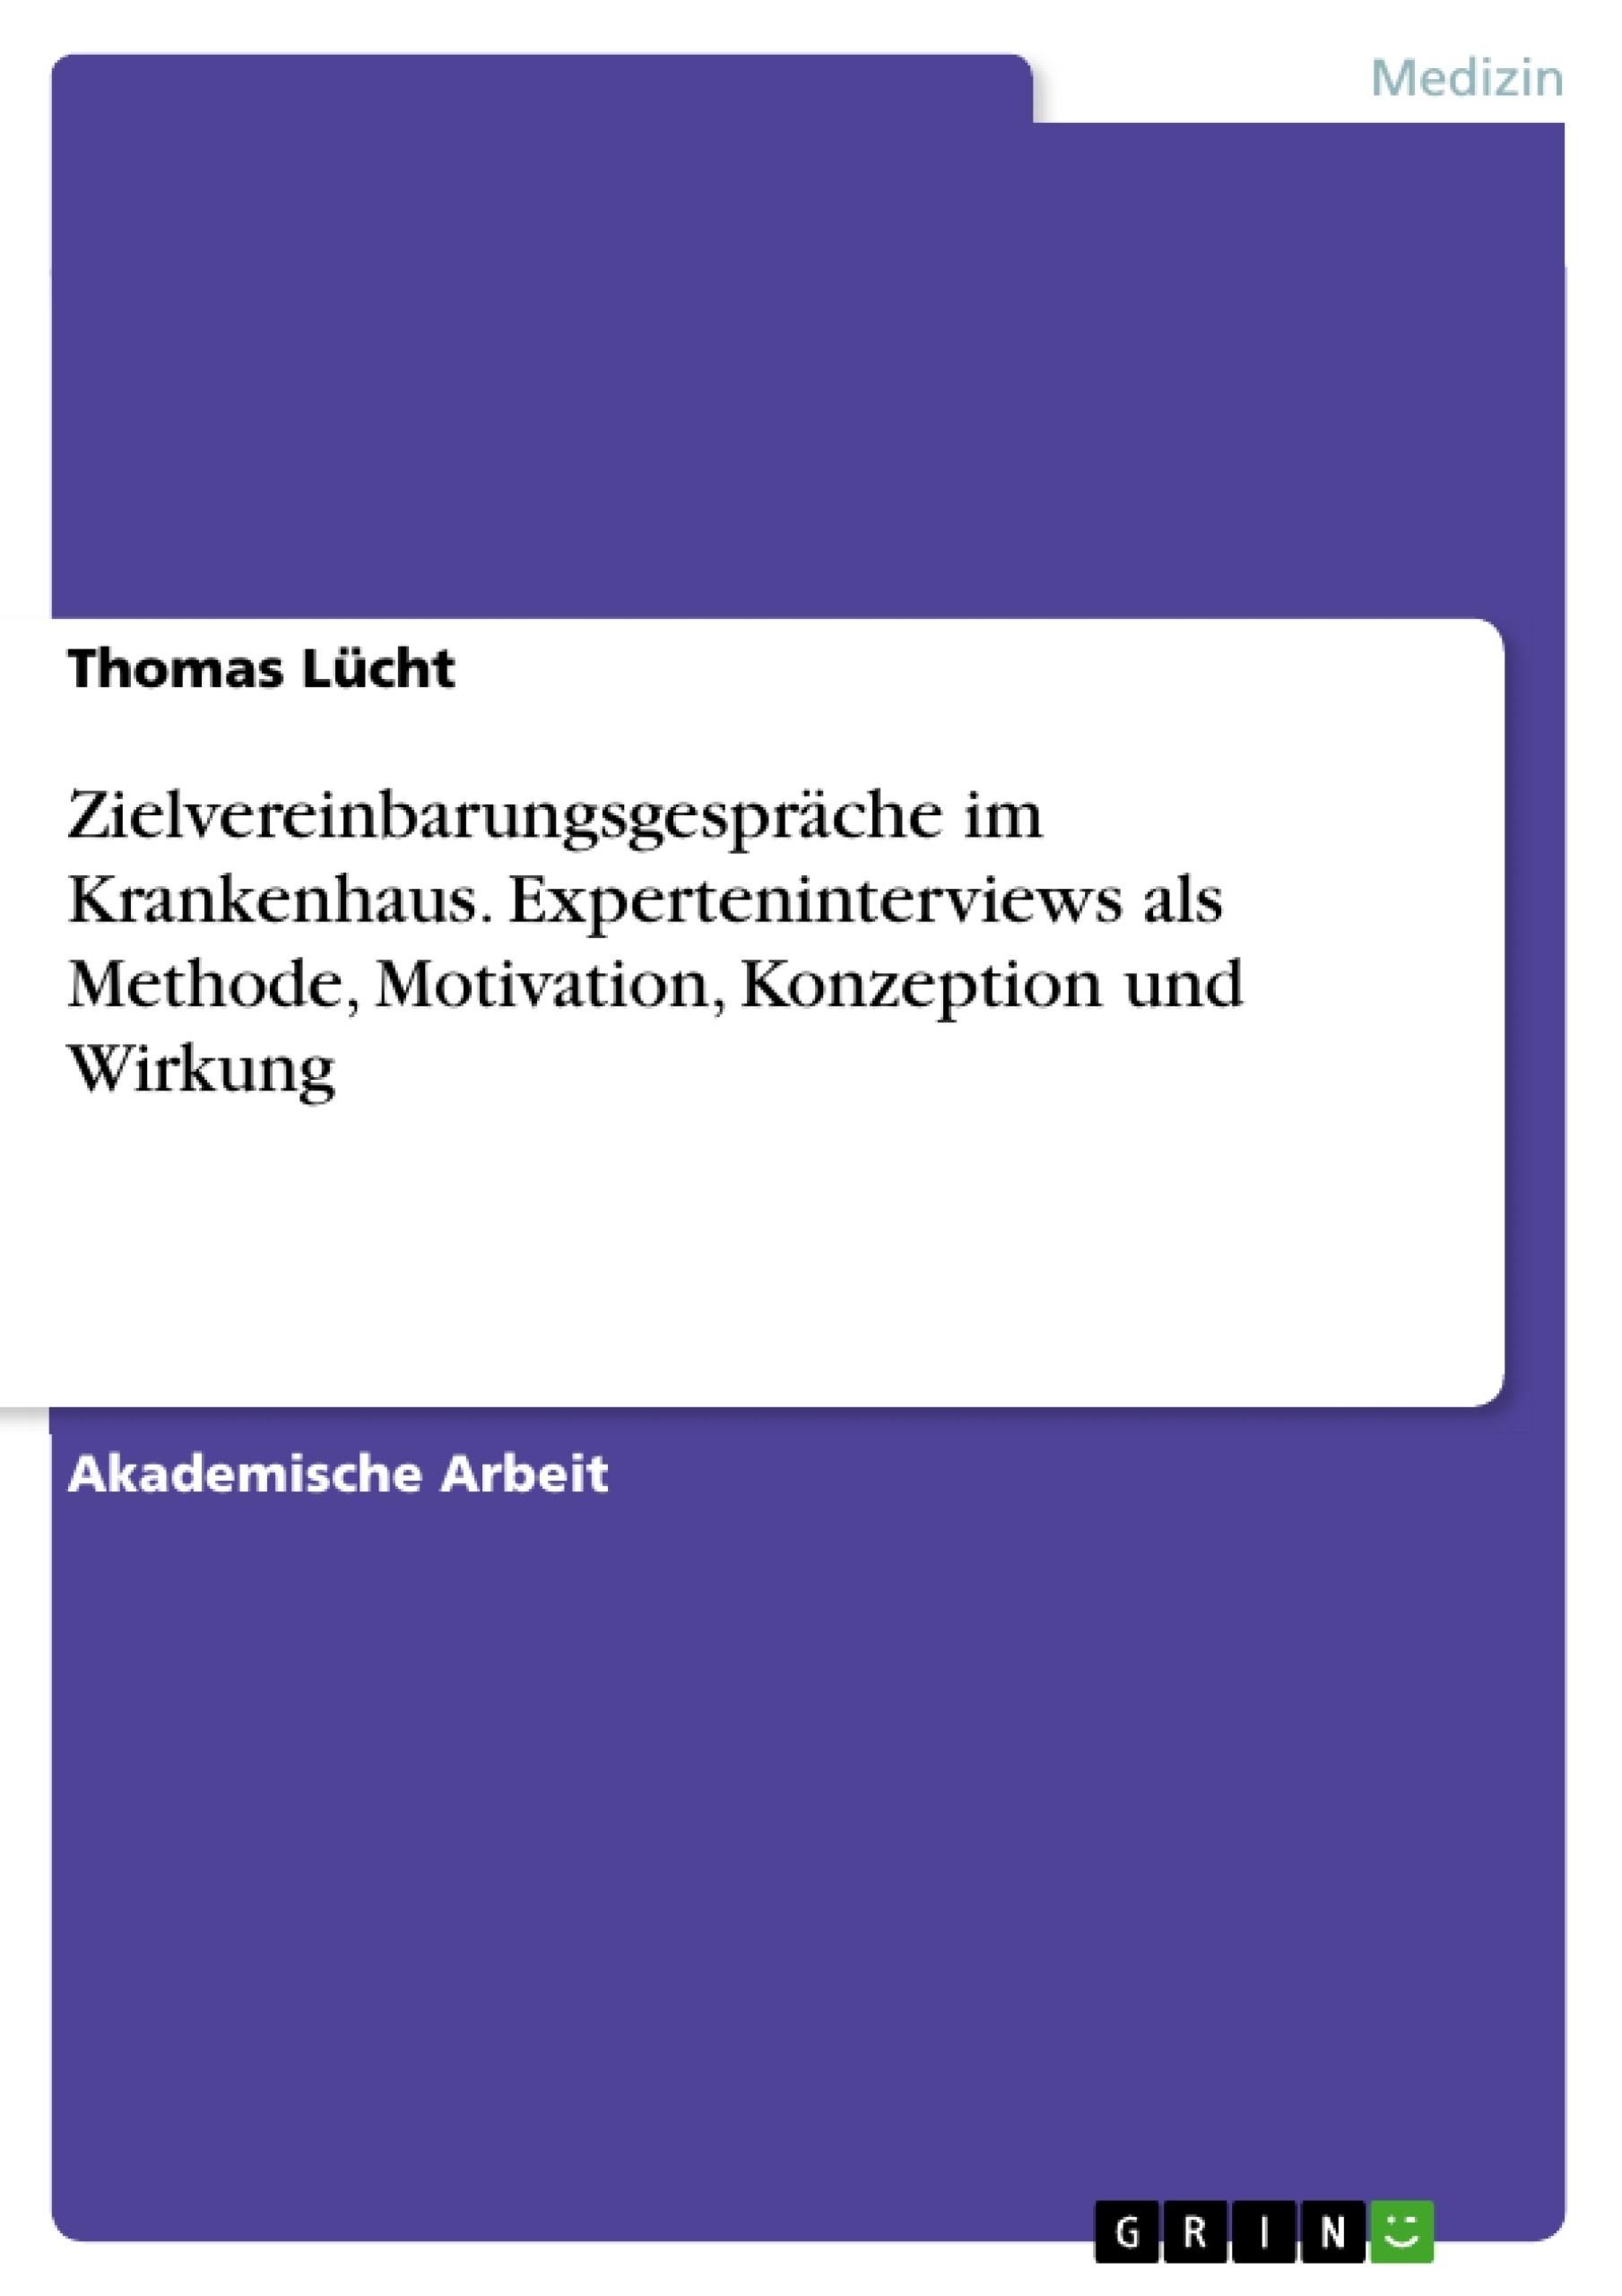 Titel: Zielvereinbarungsgespräche im Krankenhaus. Experteninterviews als Methode, Motivation, Konzeption und Wirkung